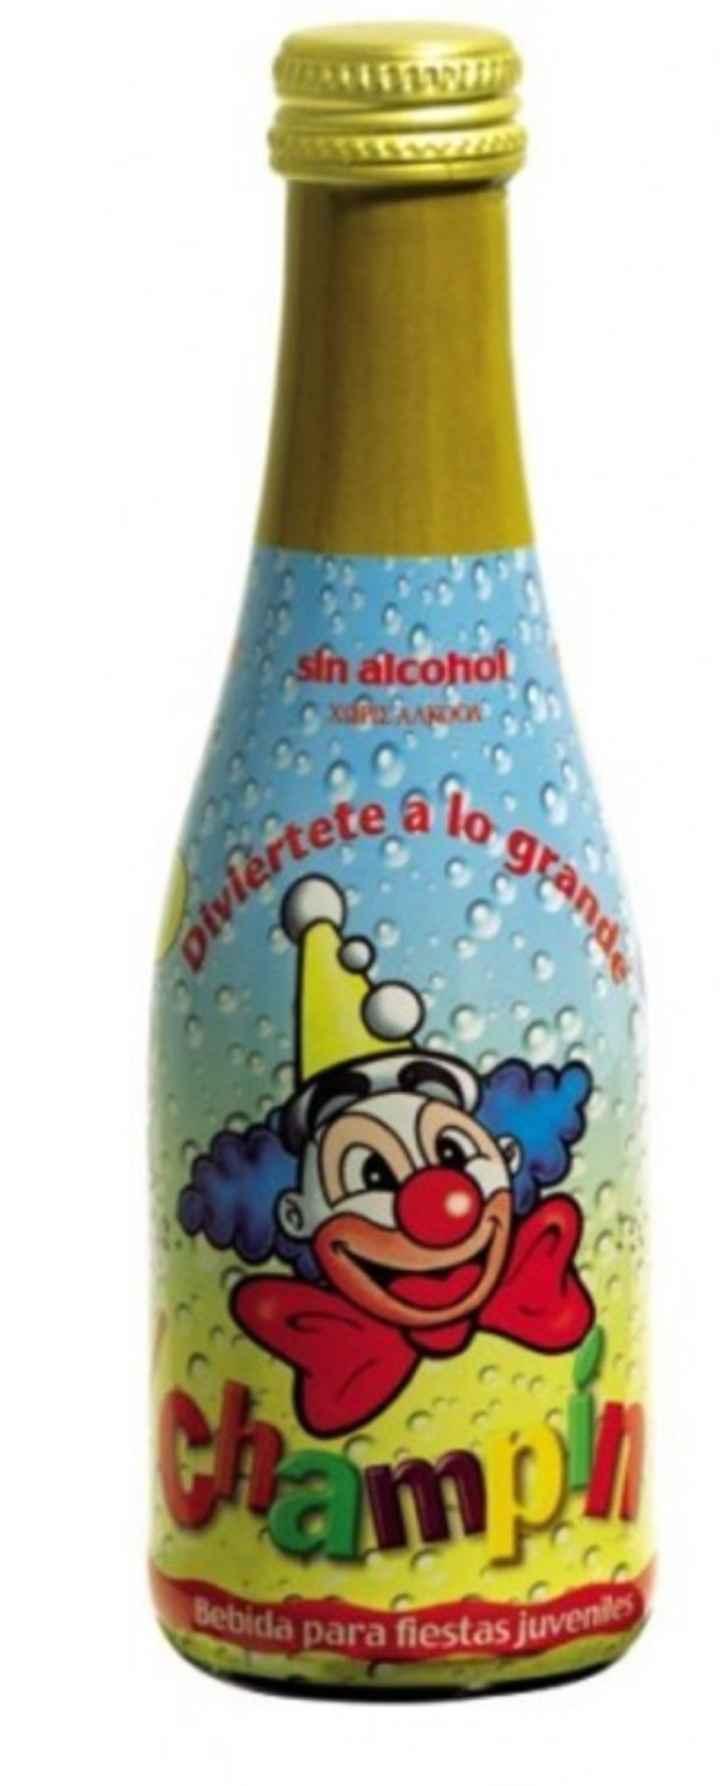 ¿Cuál será la mejor bebida para hacer el brindis nupcial? - 1